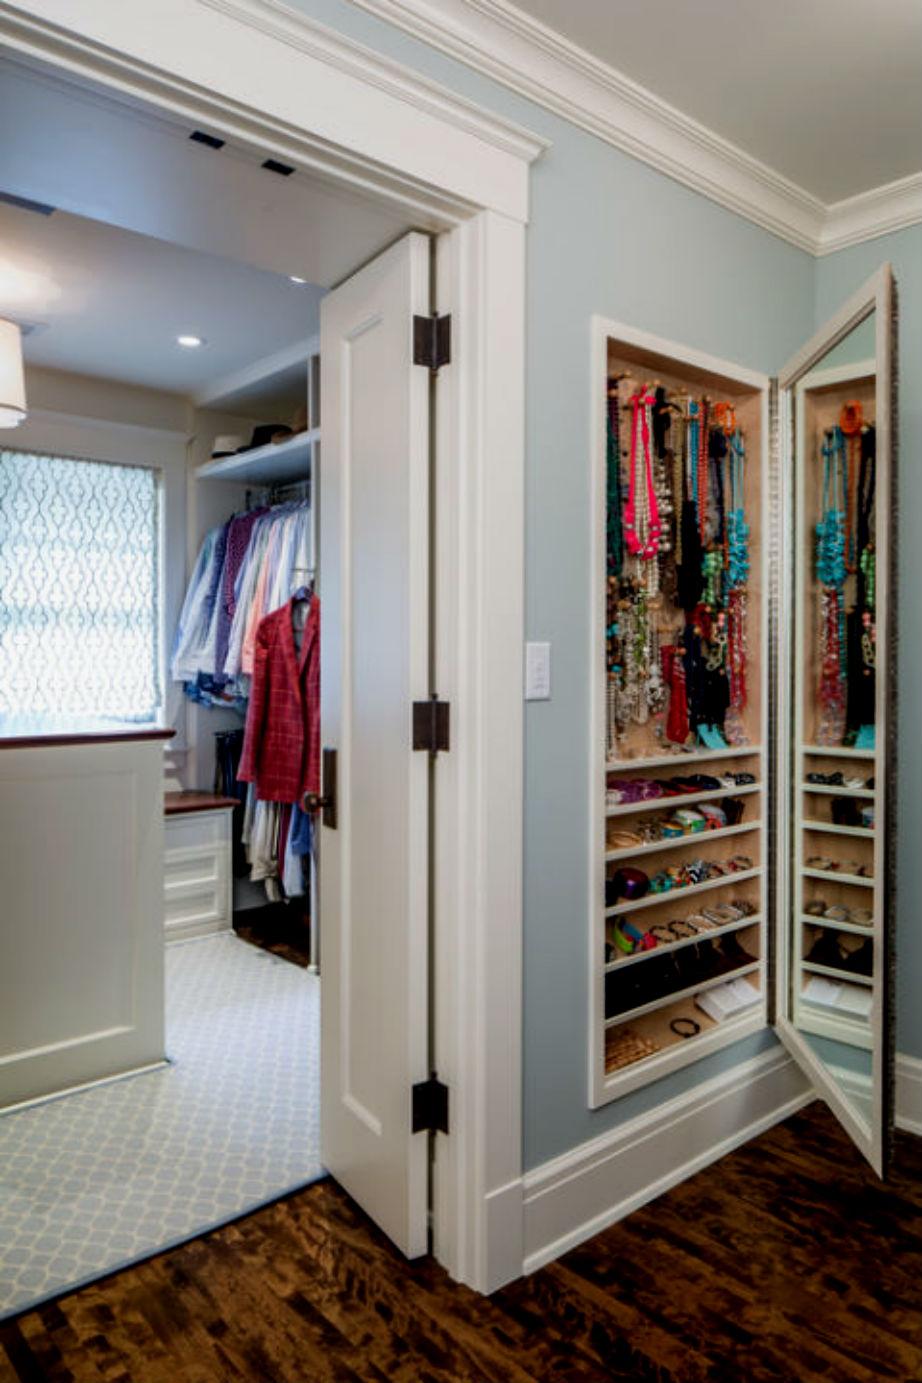 Σώστε και δώστε... χώρο στις εντοιχισμένες ντουλάπες.